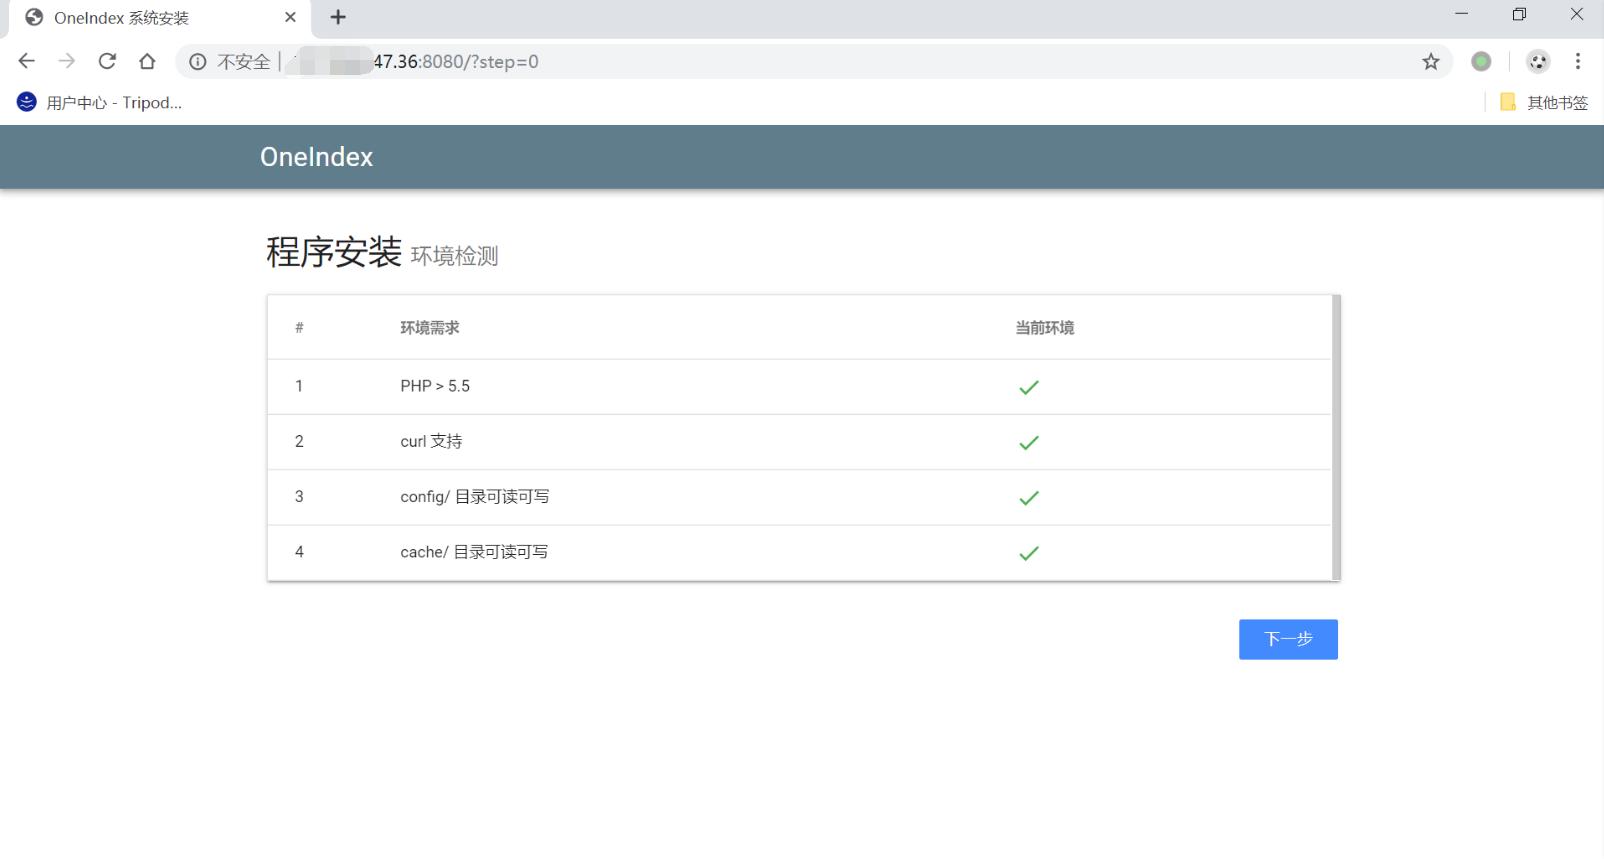 使用Docker+OneIndex+Caddy部署私人网盘| Royfk's blog